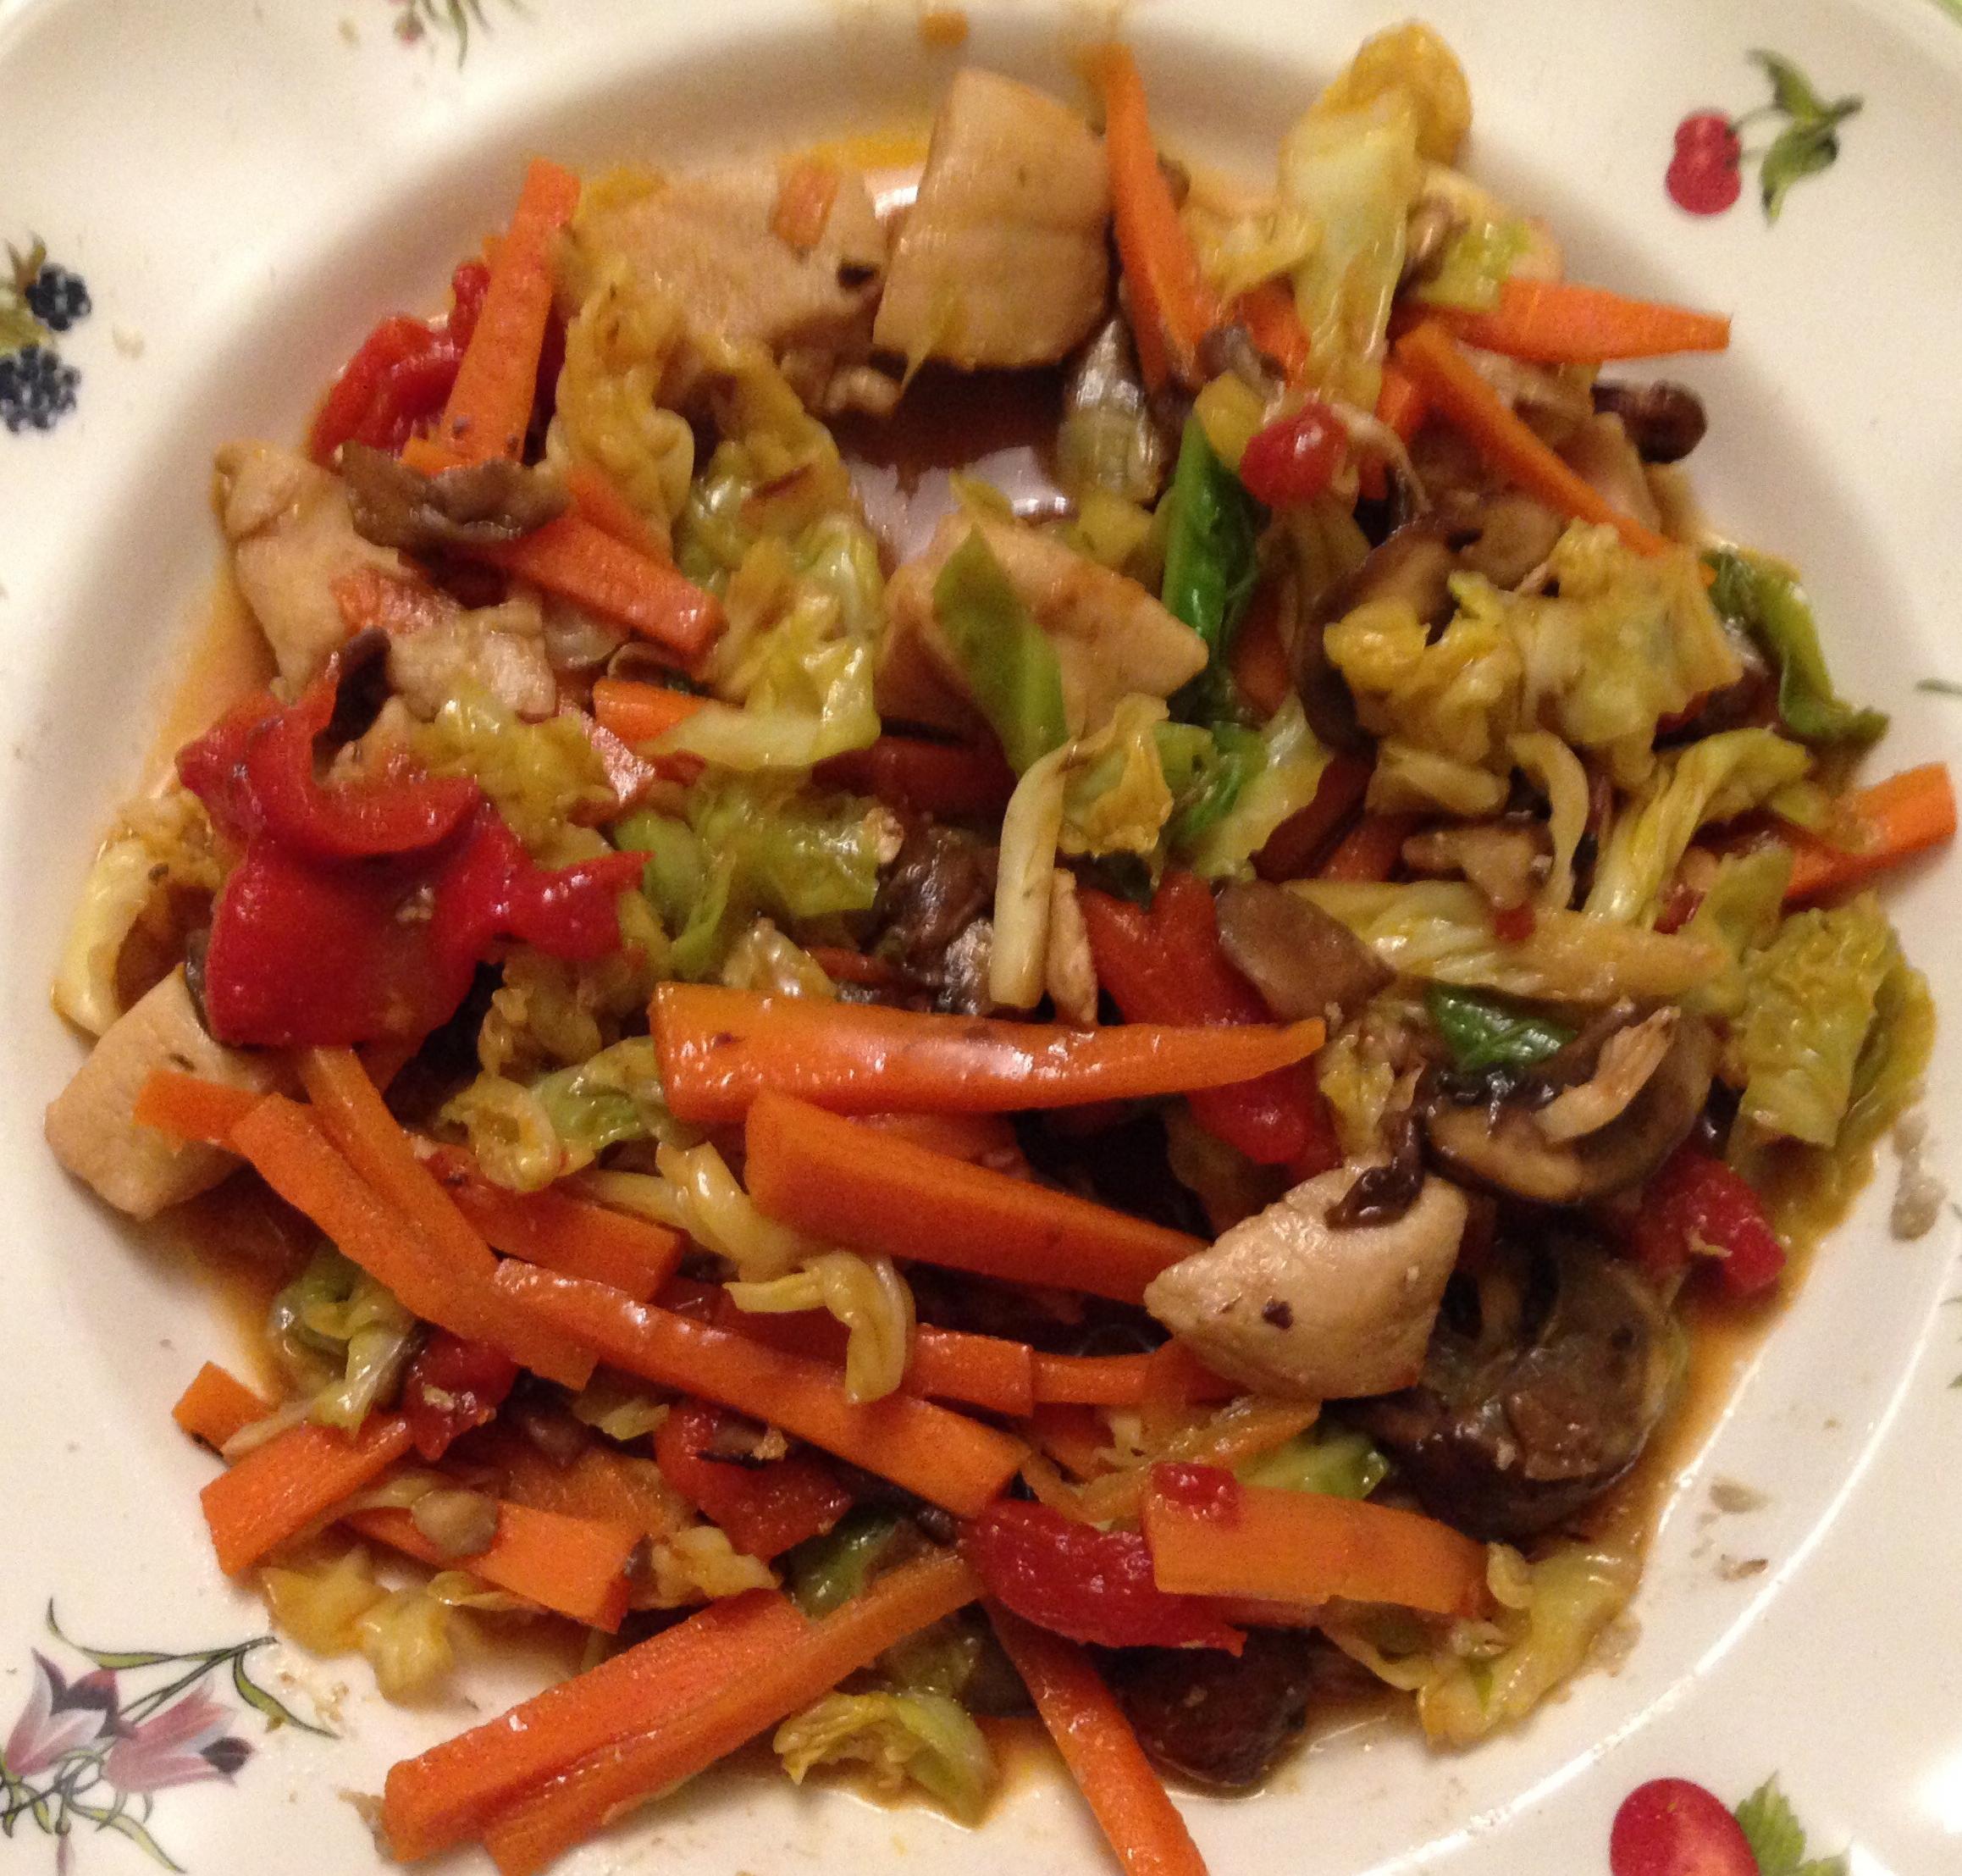 Pechugas de pollo con verduras en wok principiantes for Que cocinar con pollo